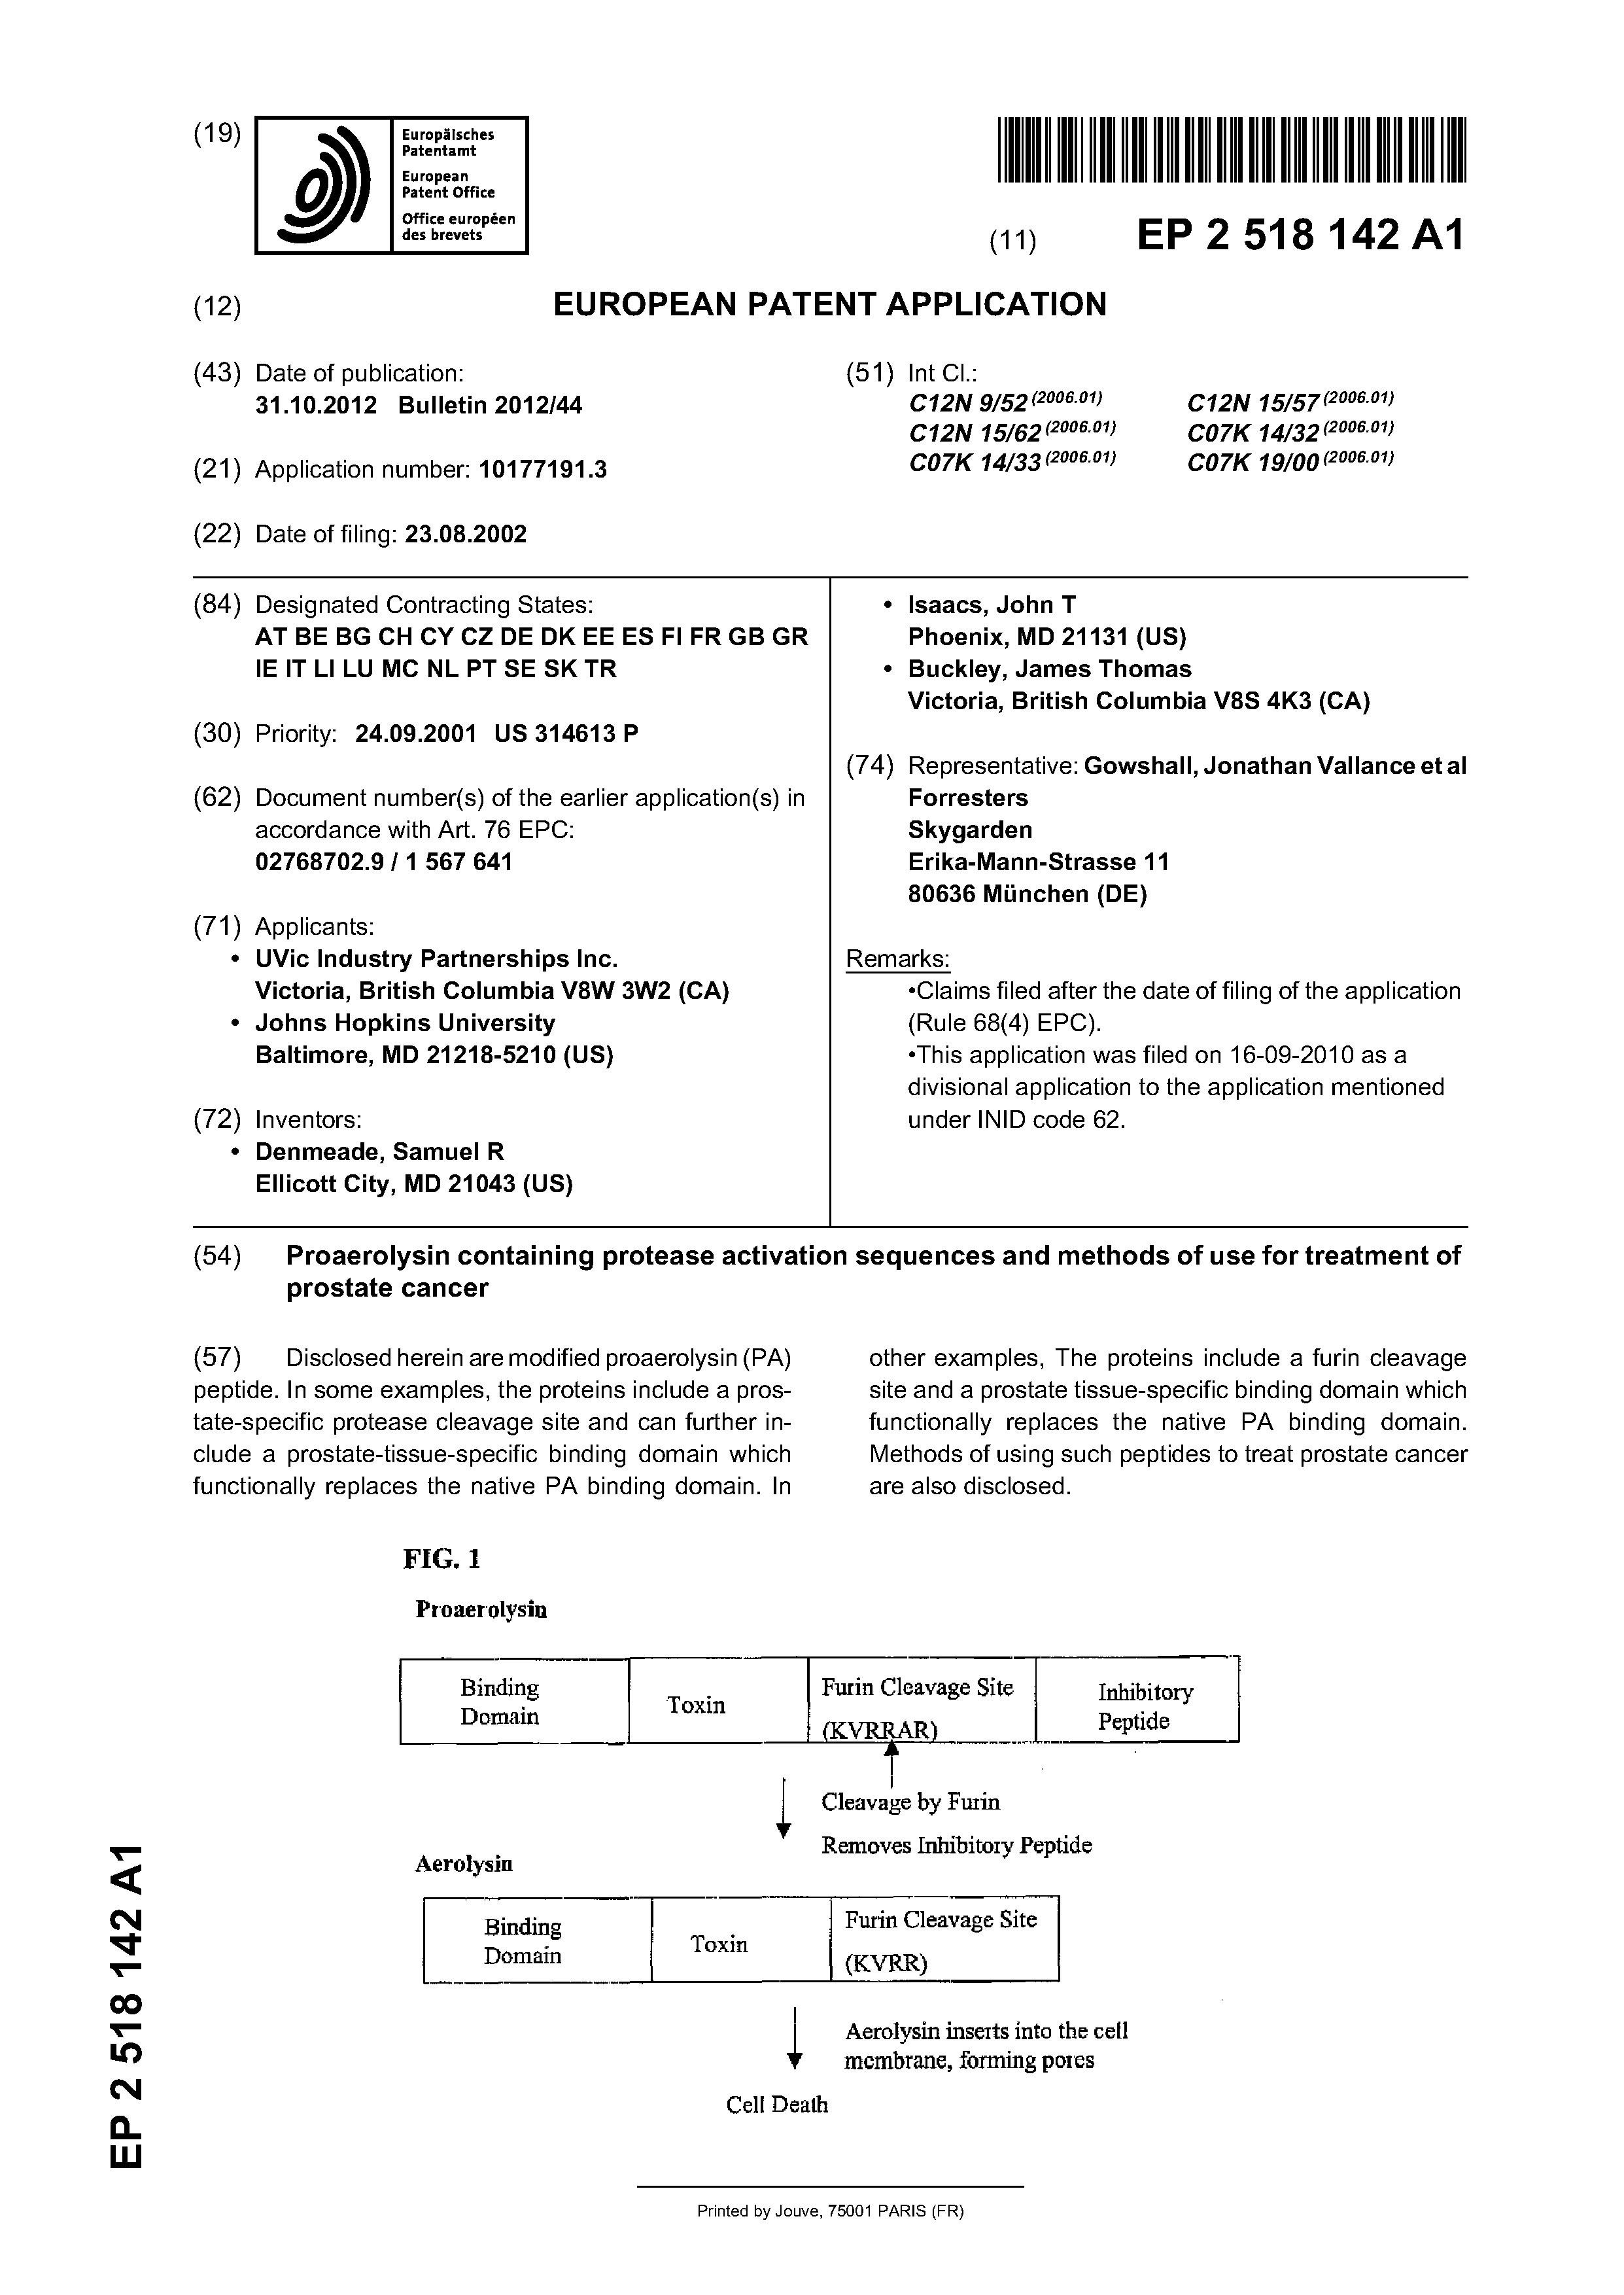 EP 2518142 A1 - Proaerolysin Containing Protease Activation